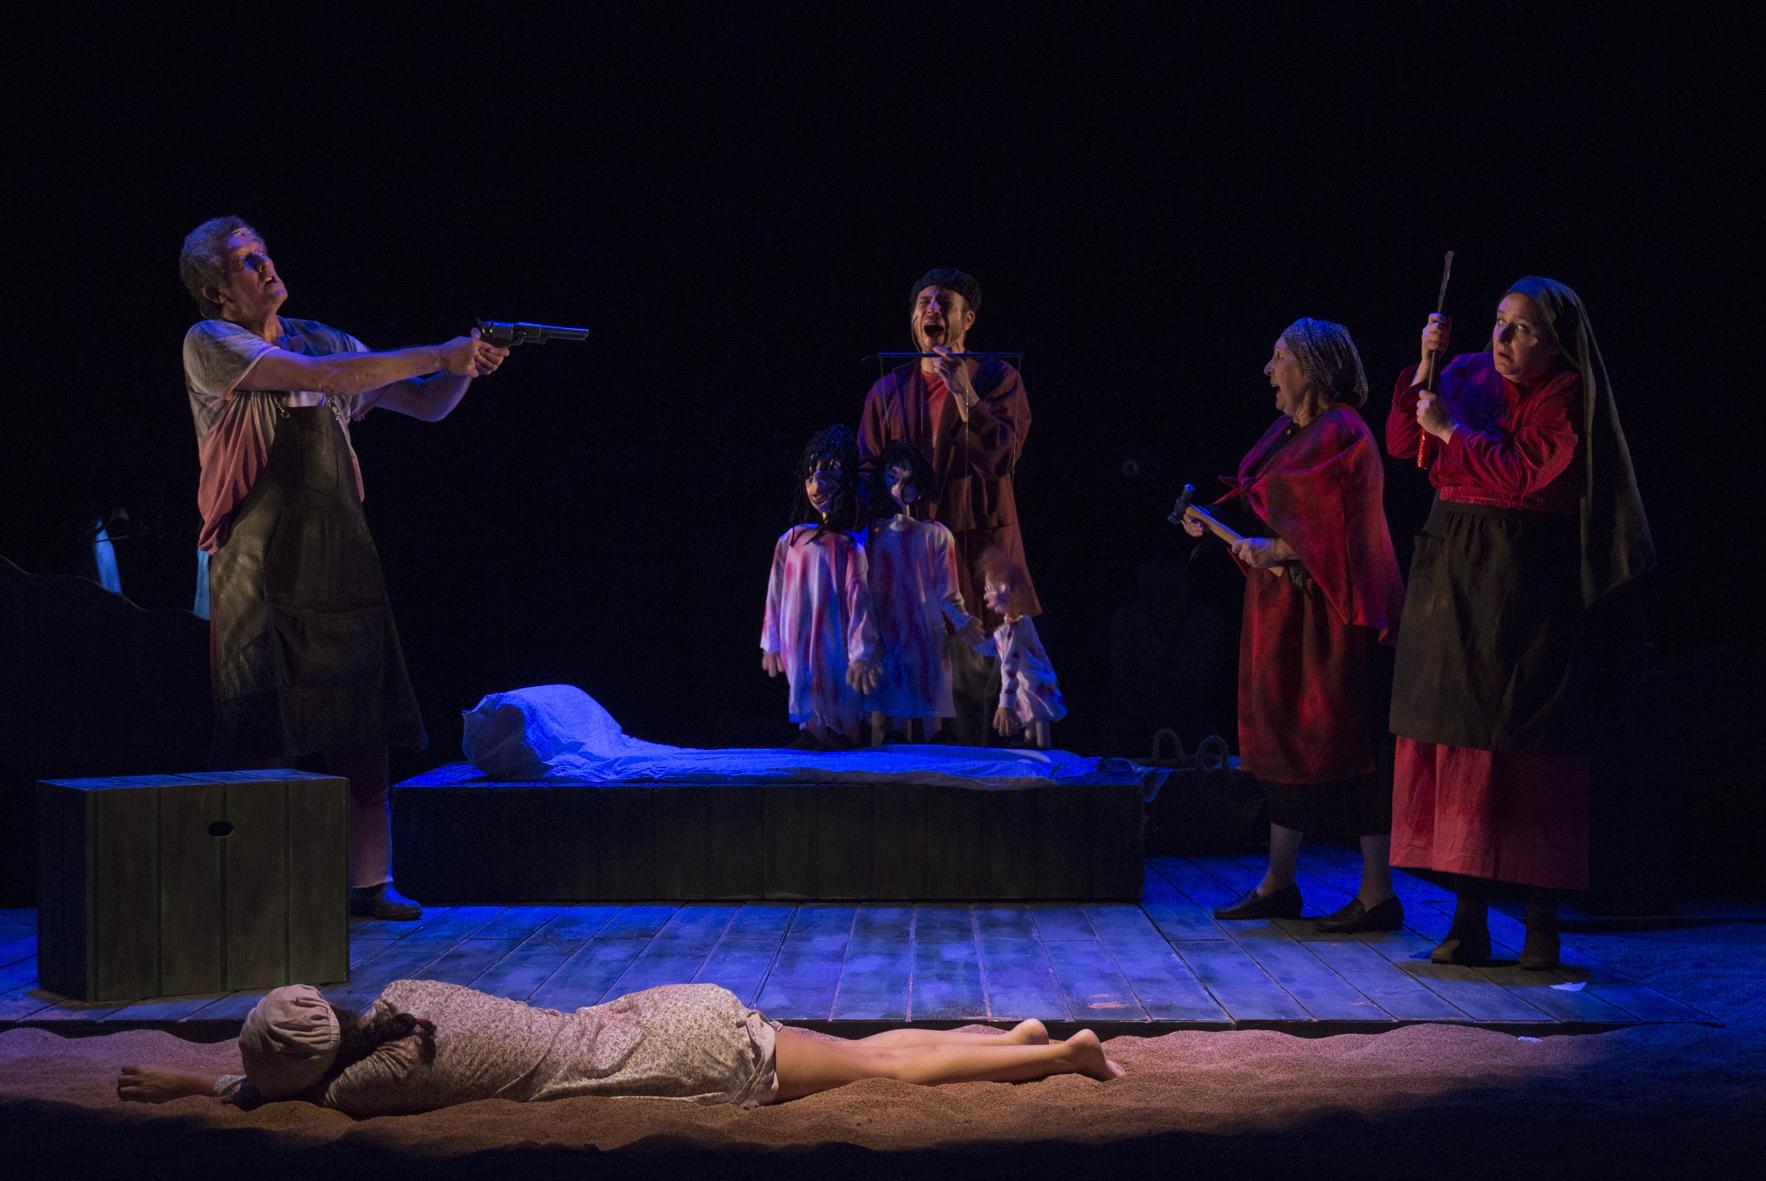 Teatro Noroeste trae este sábado 6 ao Pastor Díaz 'Da avaricia, a luxuria e a morte'